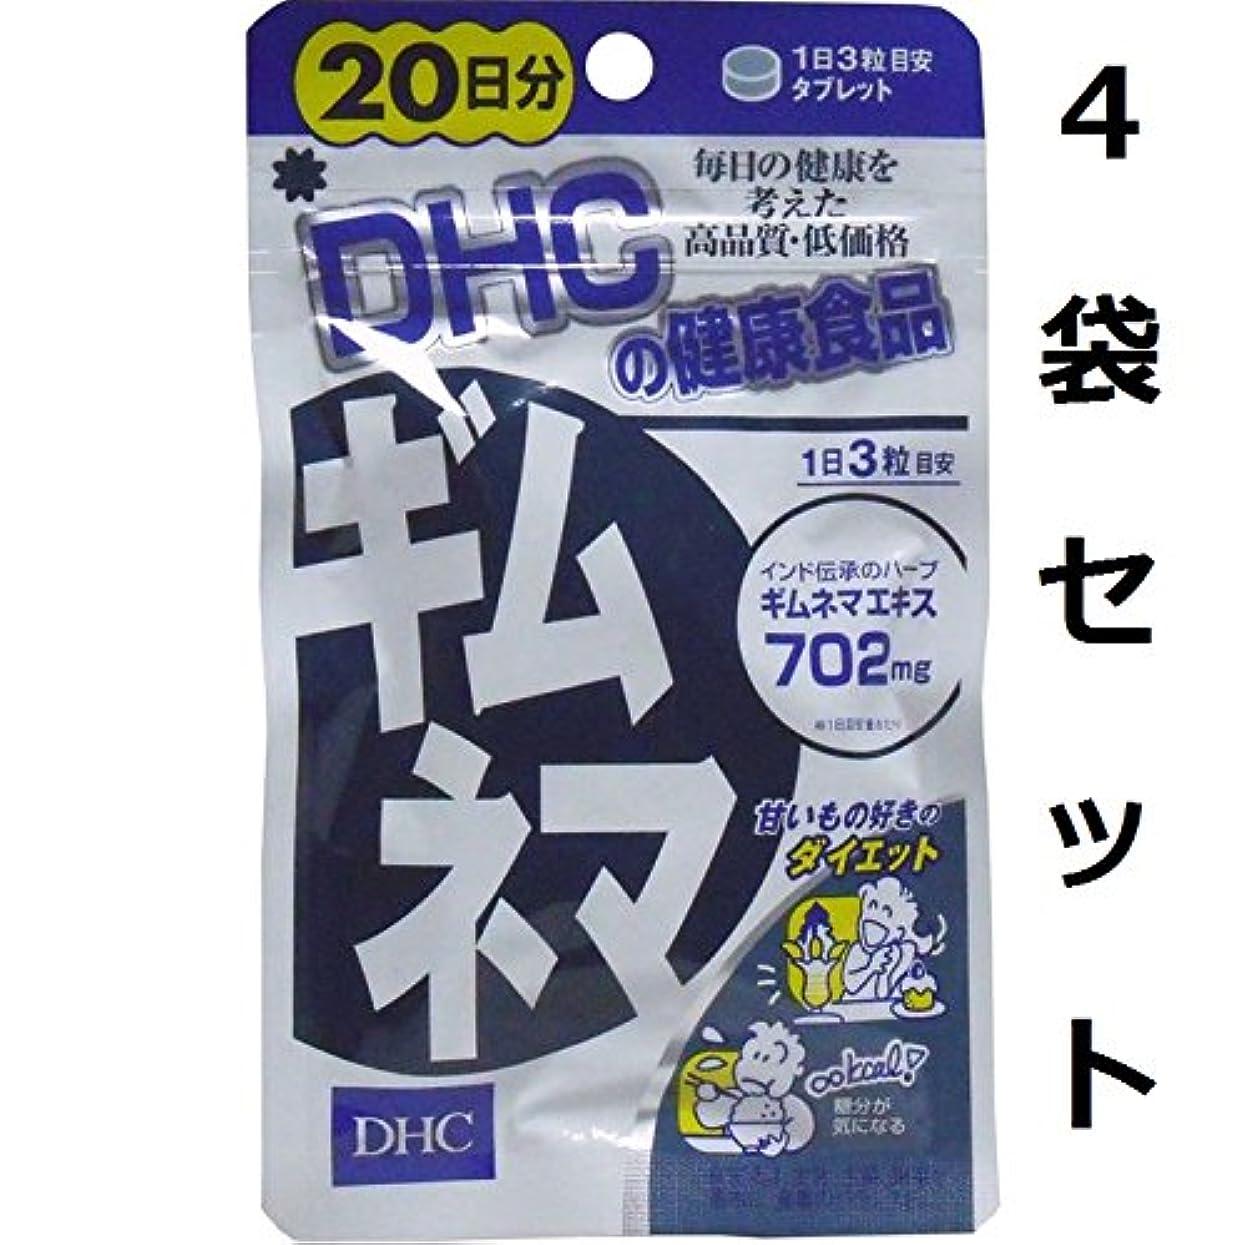 キルススポンサー大きさ糖分や炭水化物を多く摂る人に DHC ギムネマ 20日分 60粒 4袋セット